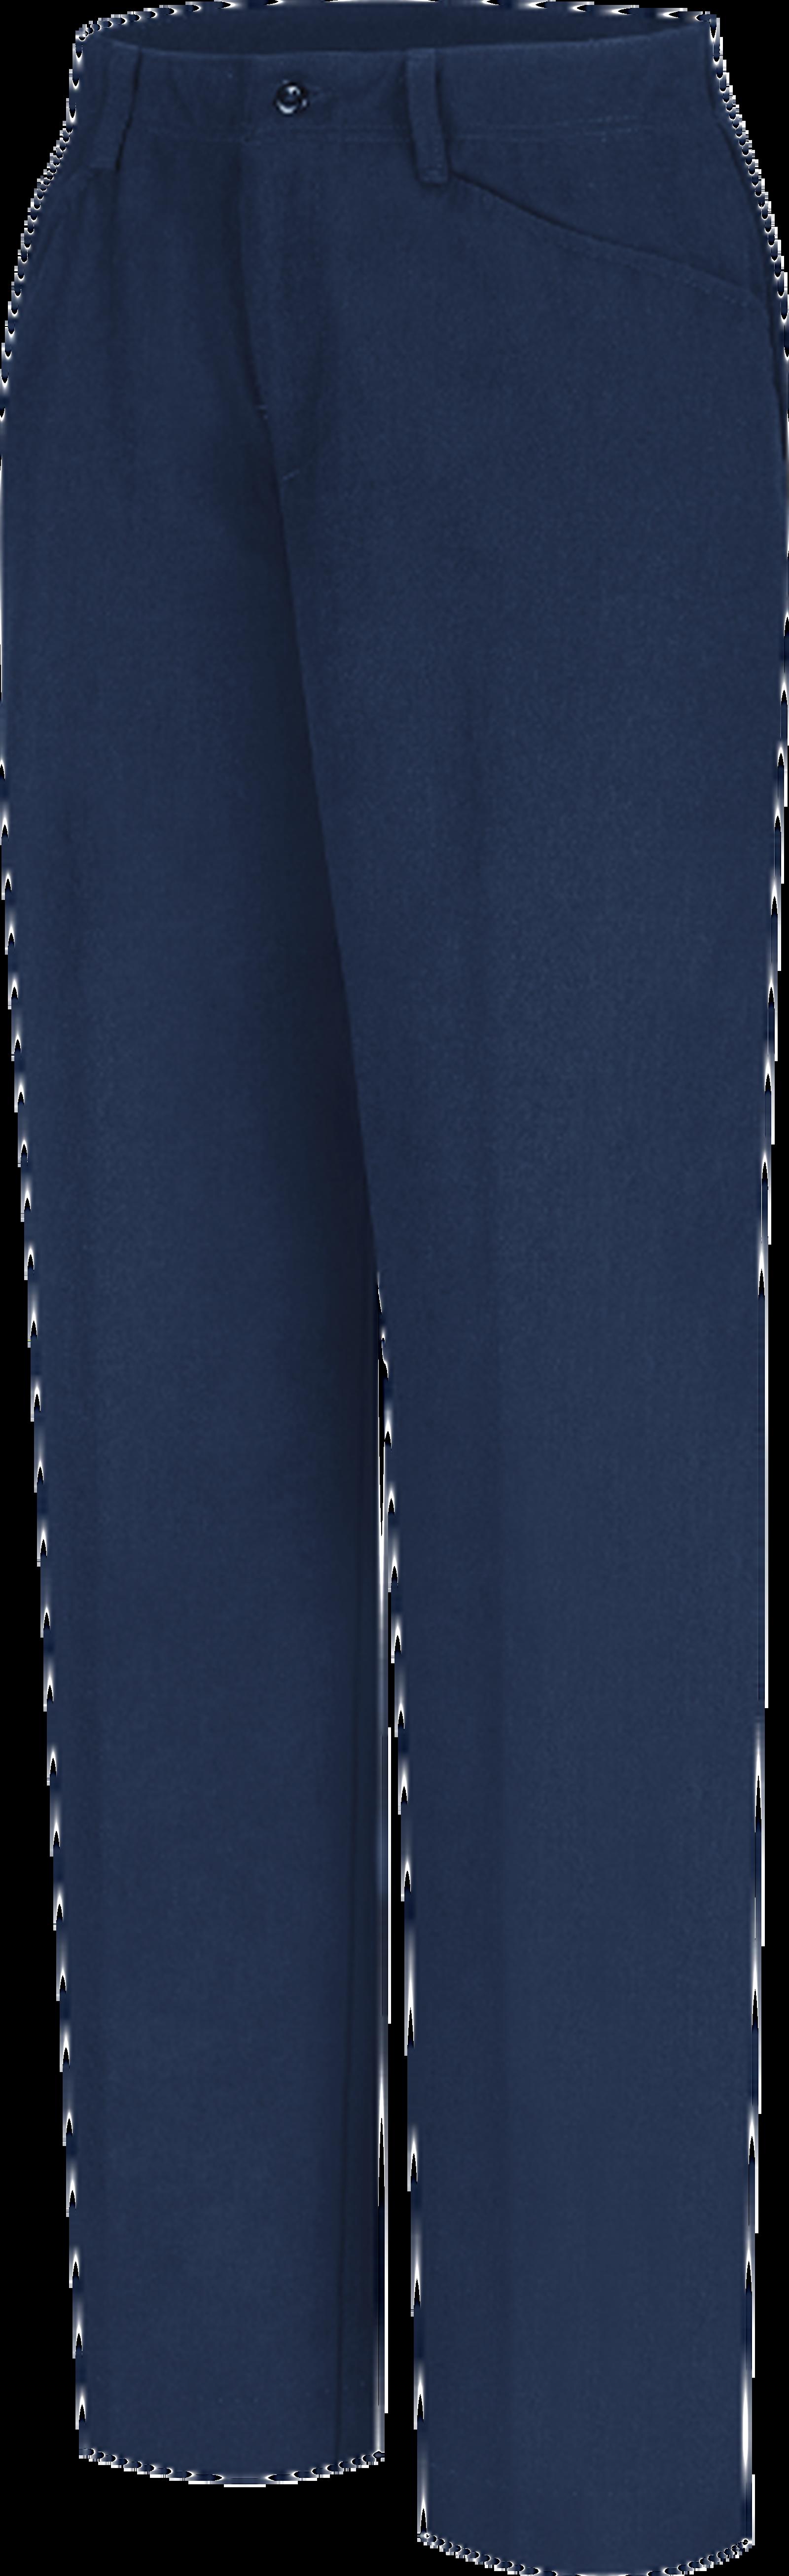 Women's Lightweight FR Work Pant